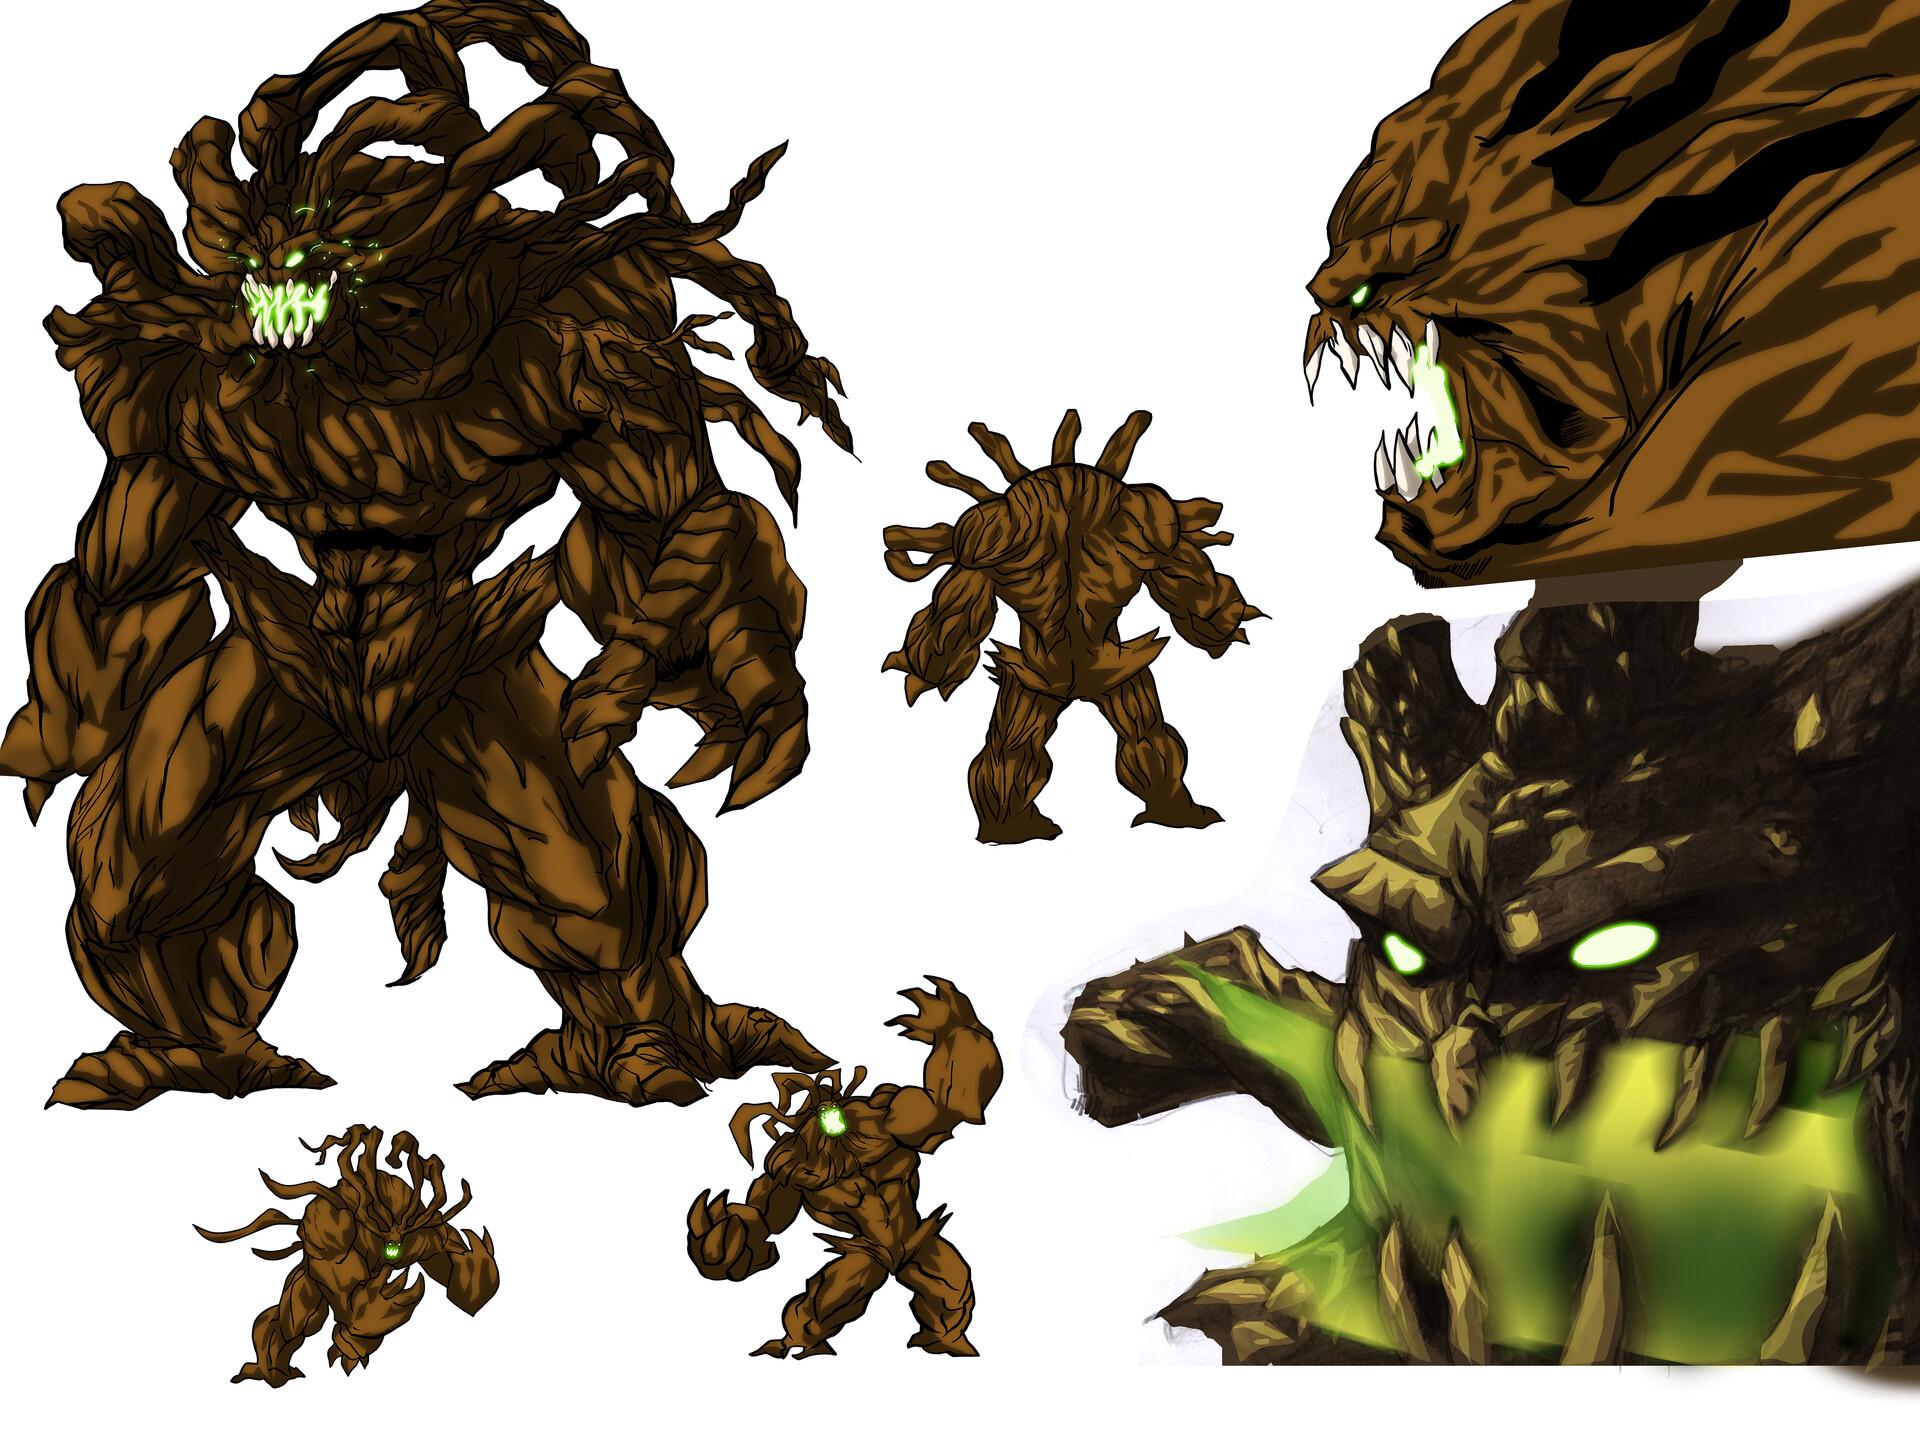 Artstation Tree Monster Character Design Andrew Henry Descarga este vector premium de cartoon tree monster pixel design y descubre más de 10 millones de recursos gráficos en freepik. artstation